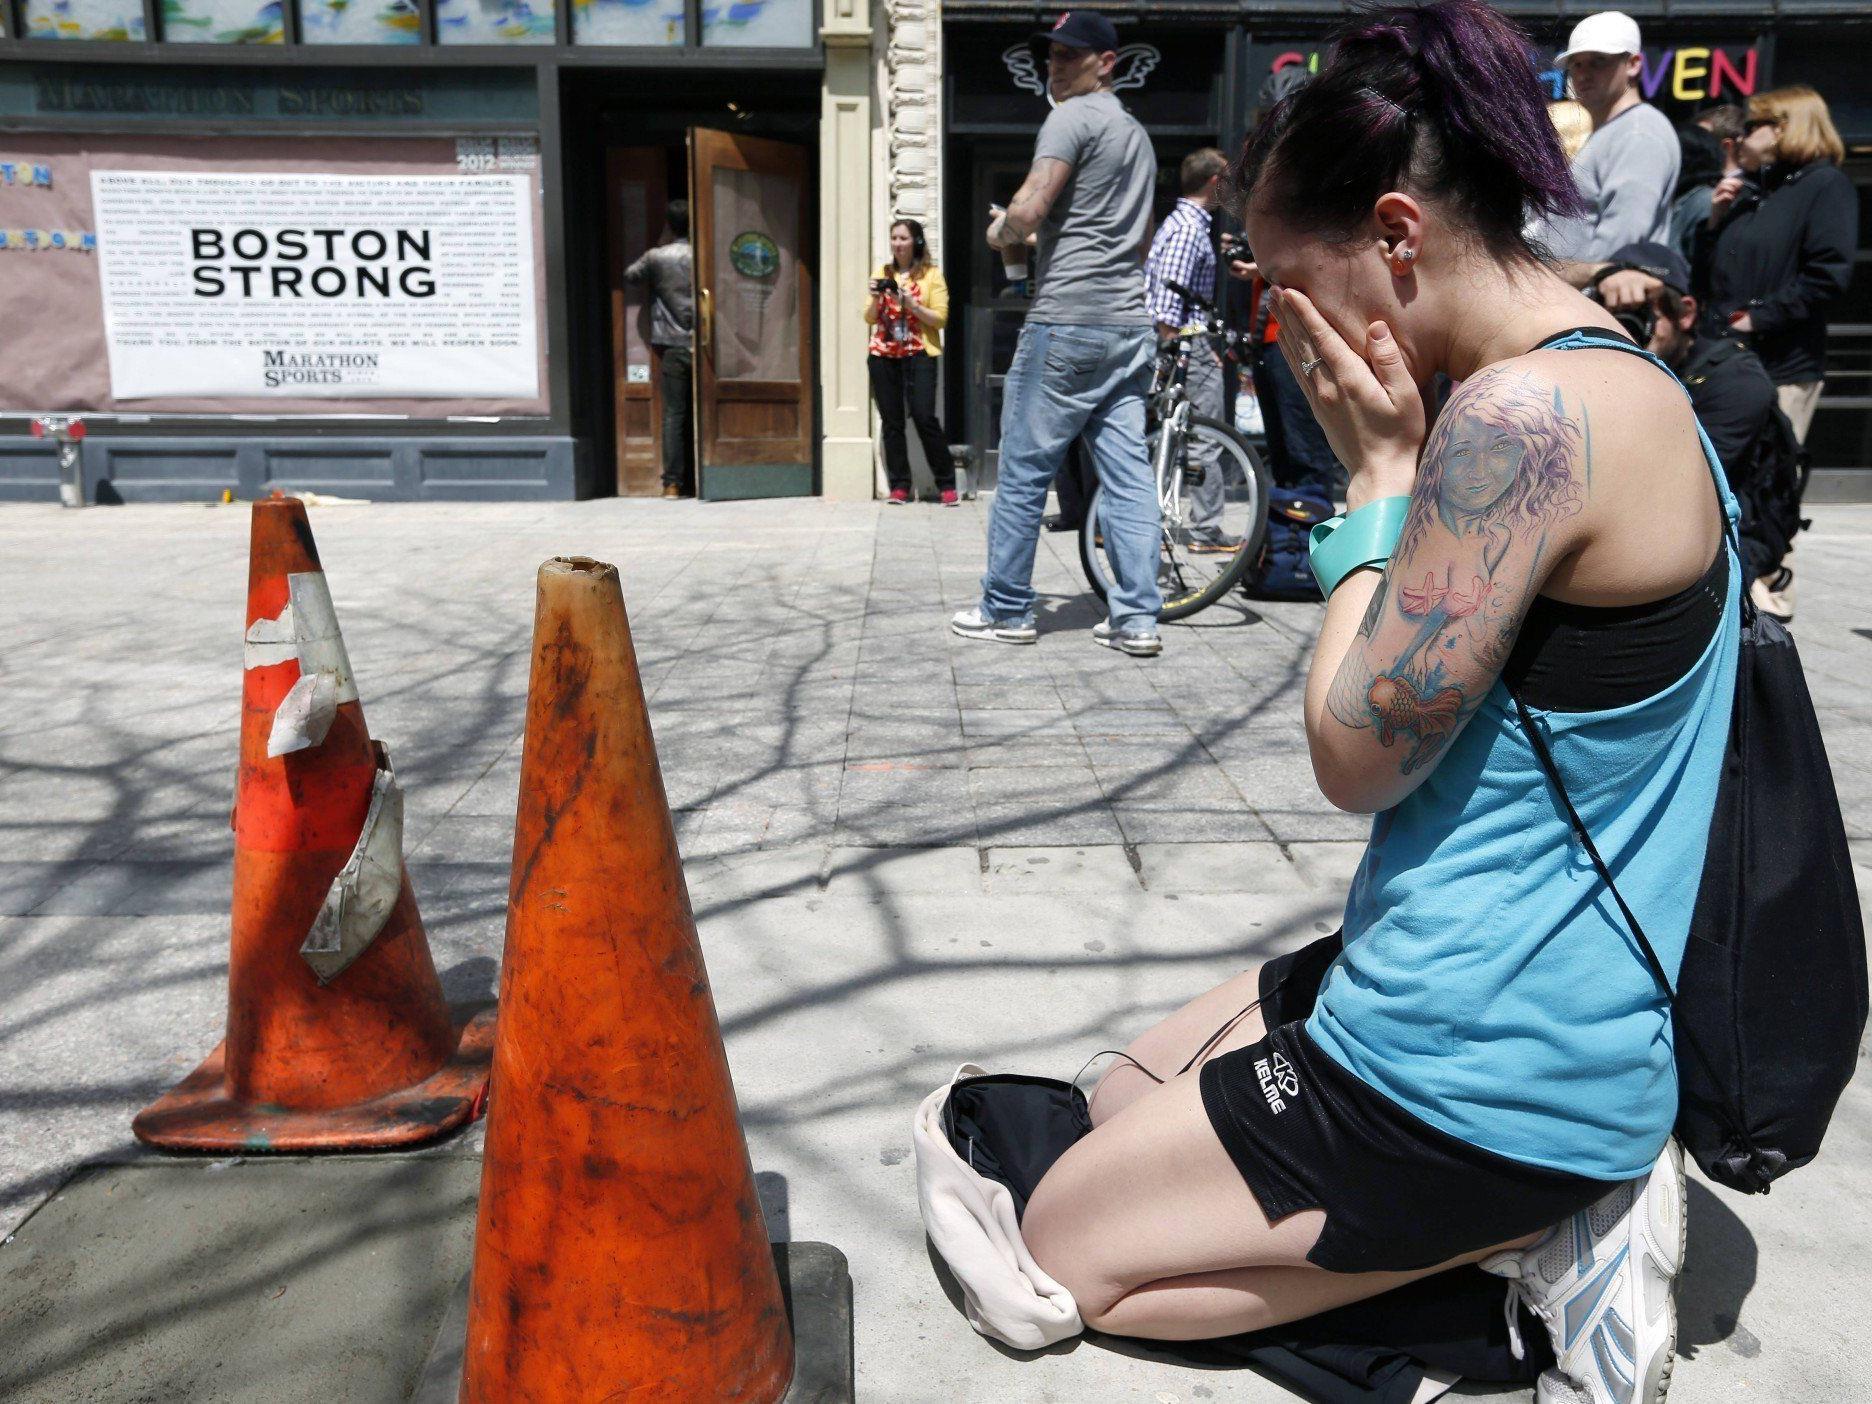 Nach Anschlag auf Boston-Marathon - weitere Anschlagsziele bekannt geworden.